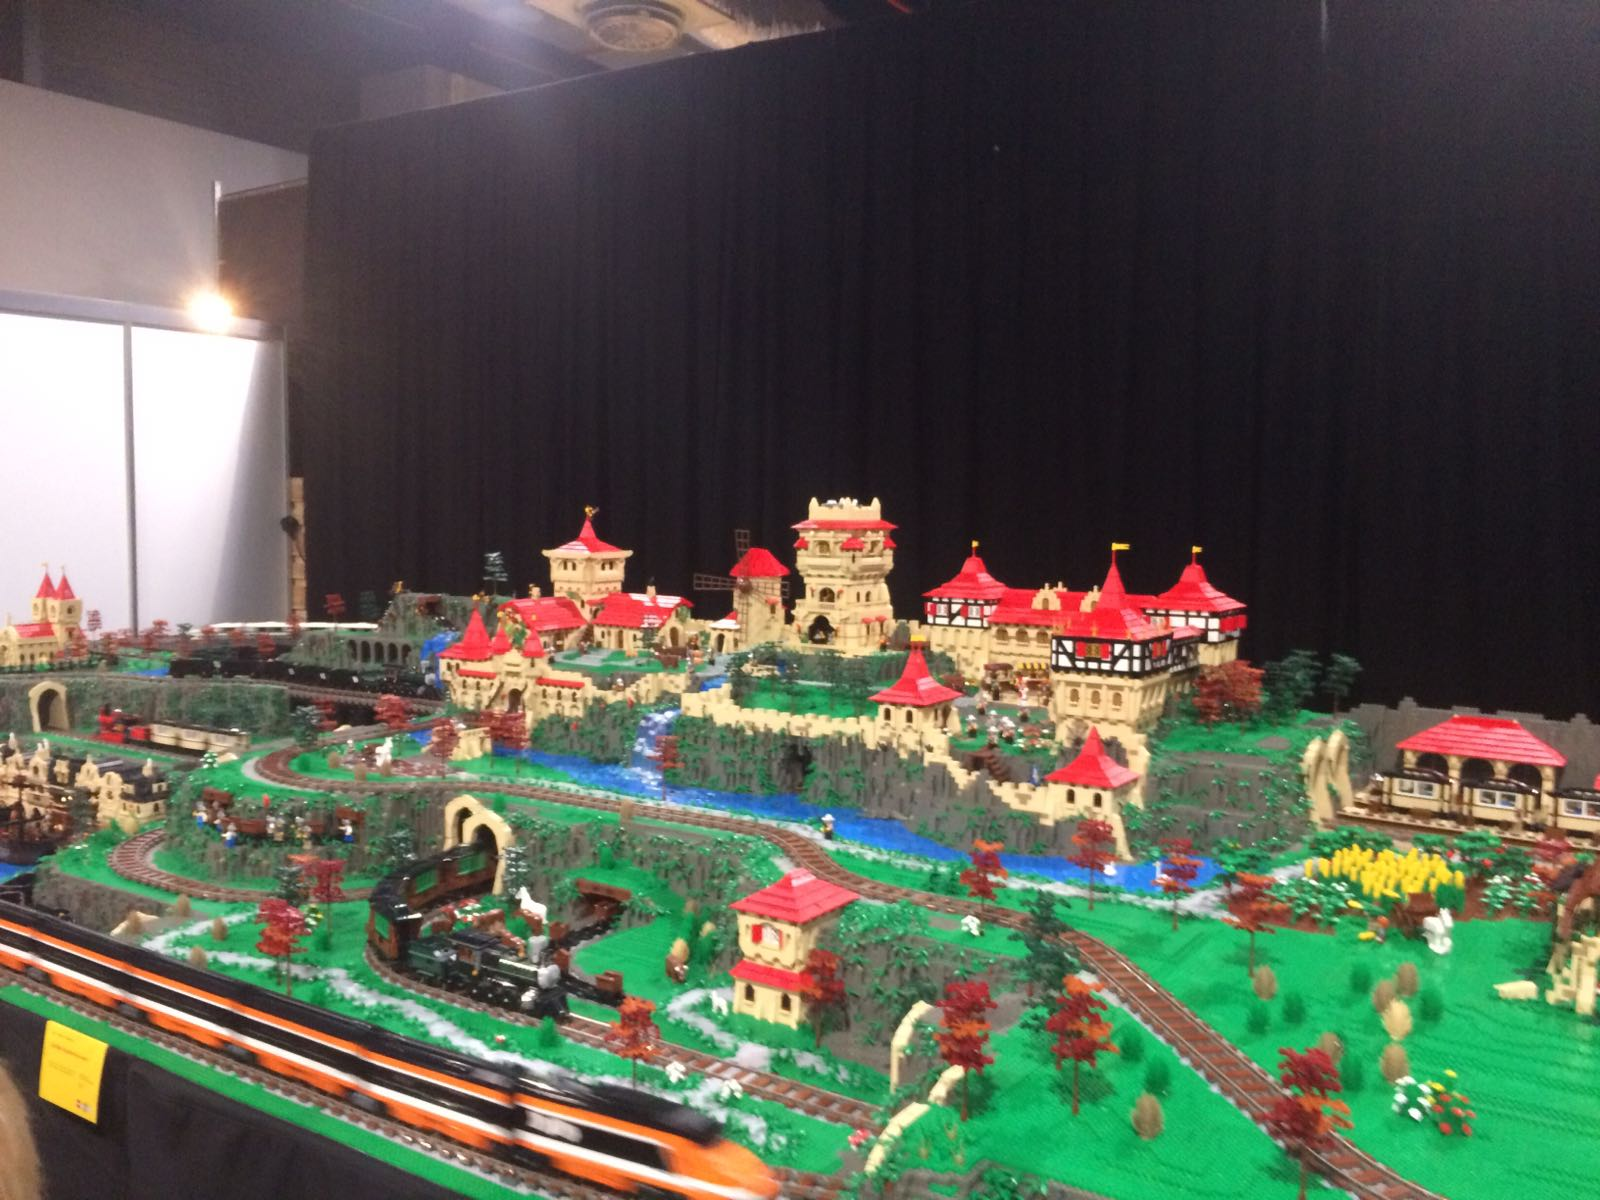 11-17-legoworld-legoland-lego-beurs-vaders-moeders-jongens-bouwen-evenement-vakantie-jaarbeurs-kinderen-activiteit-familie-nanny-moeder-amsterdam-land